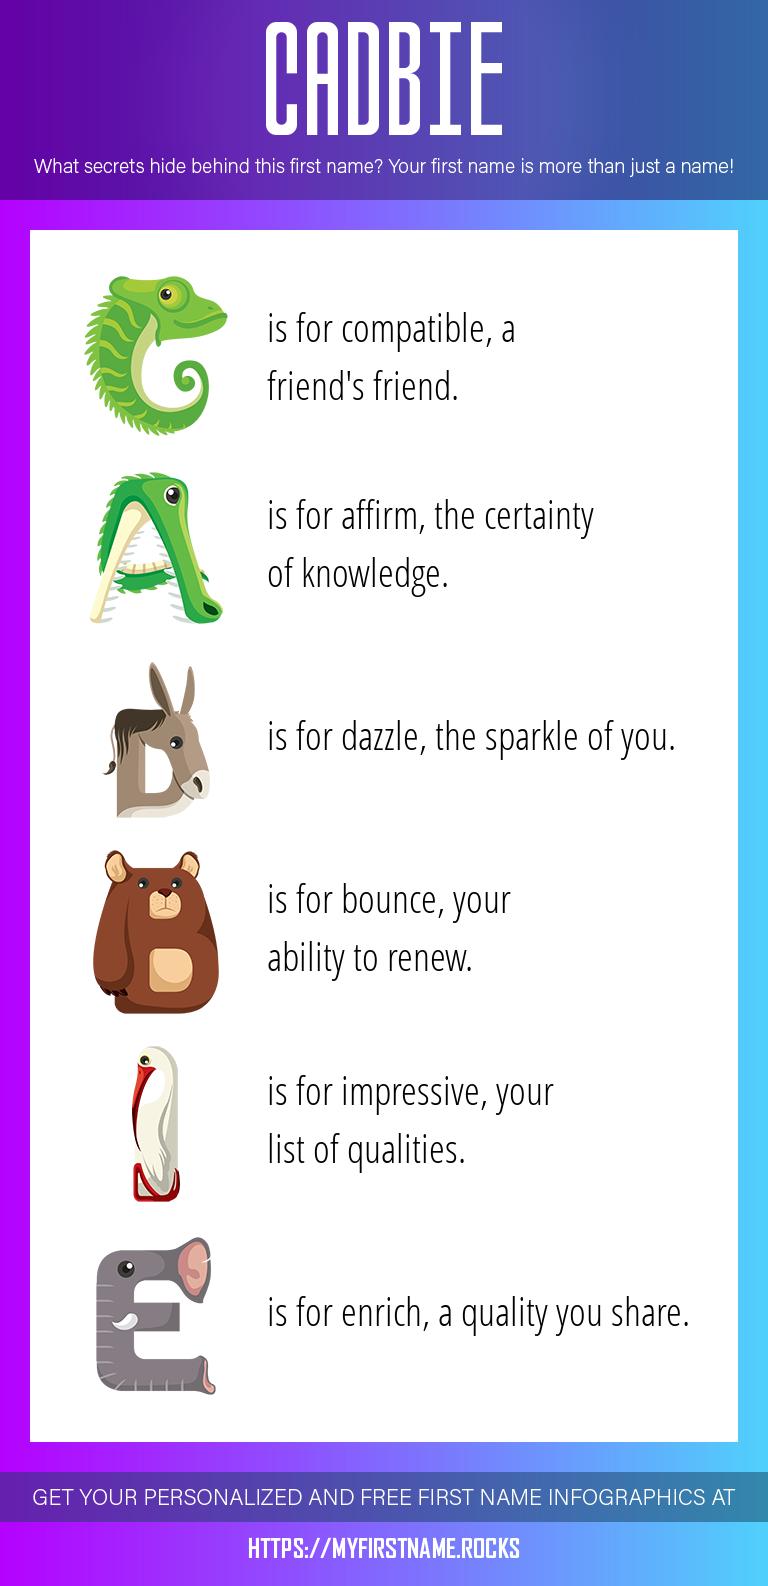 Cadbie Infographics